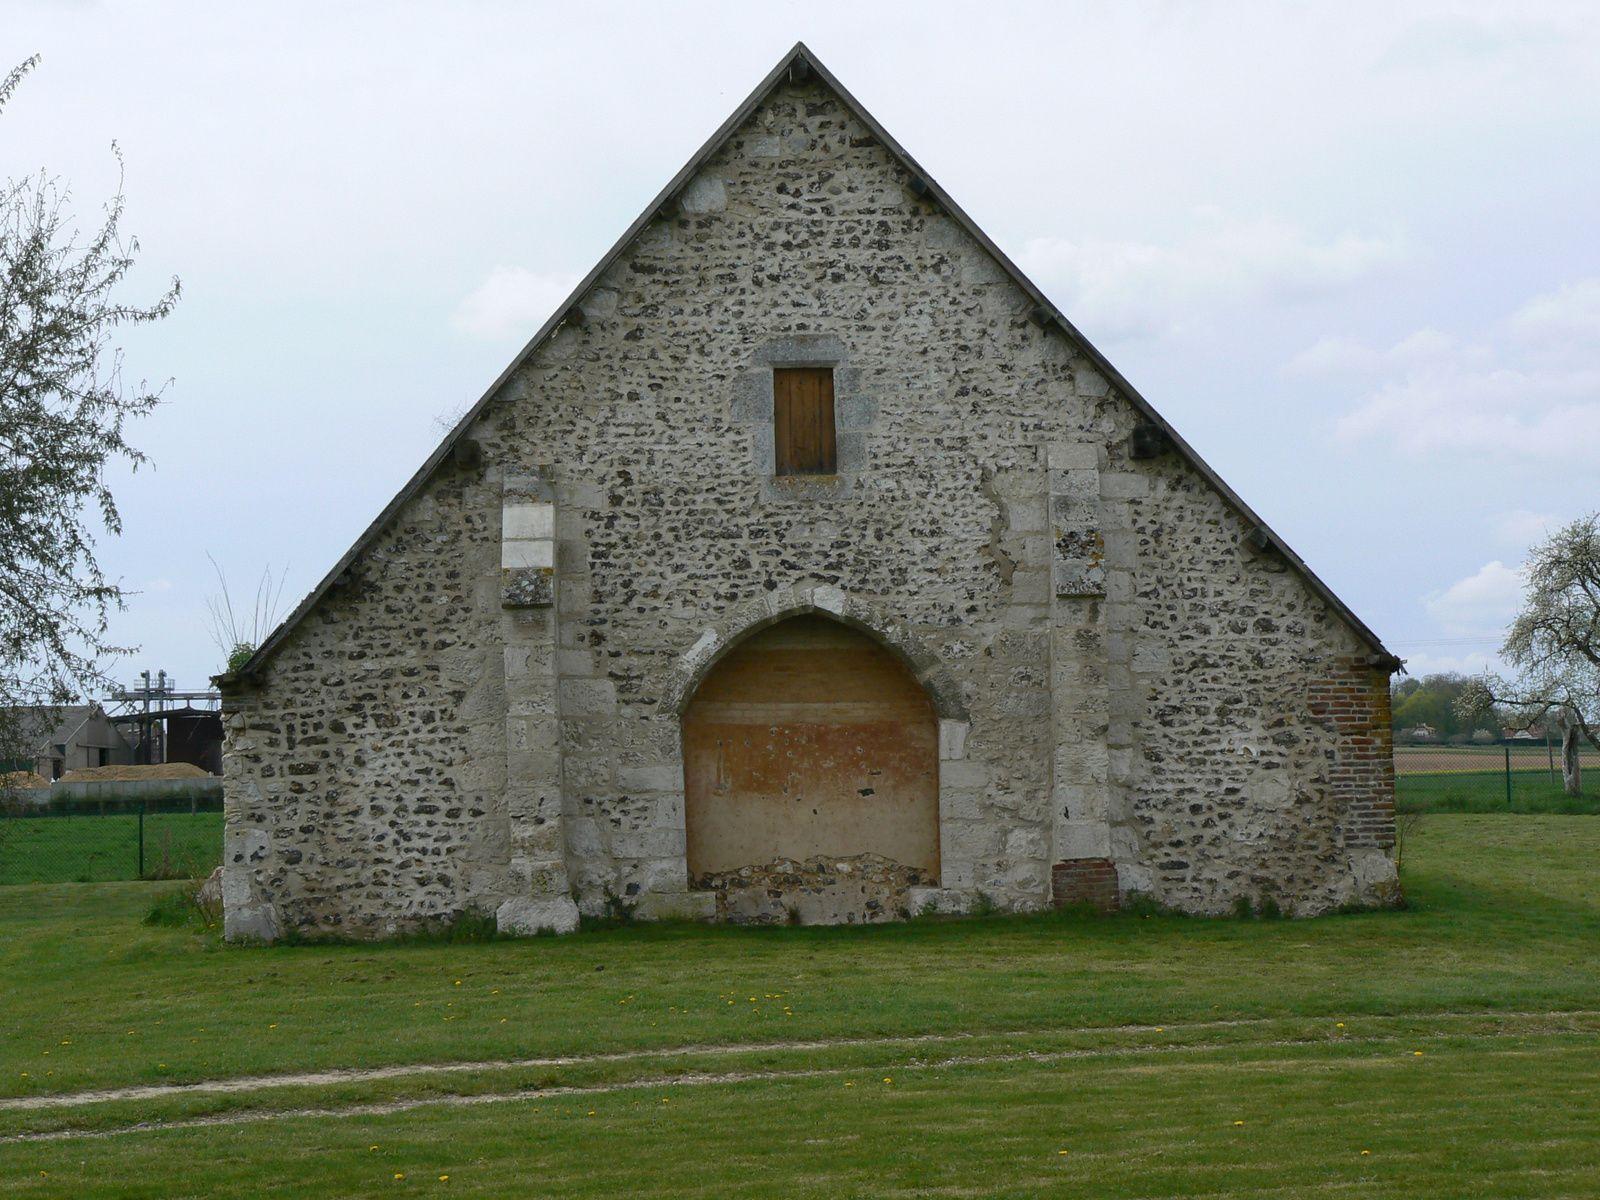 La grange dimière de la ferme de Blacquetuit, vue mur pignon nord (cliché Armand Launay, été 2013).